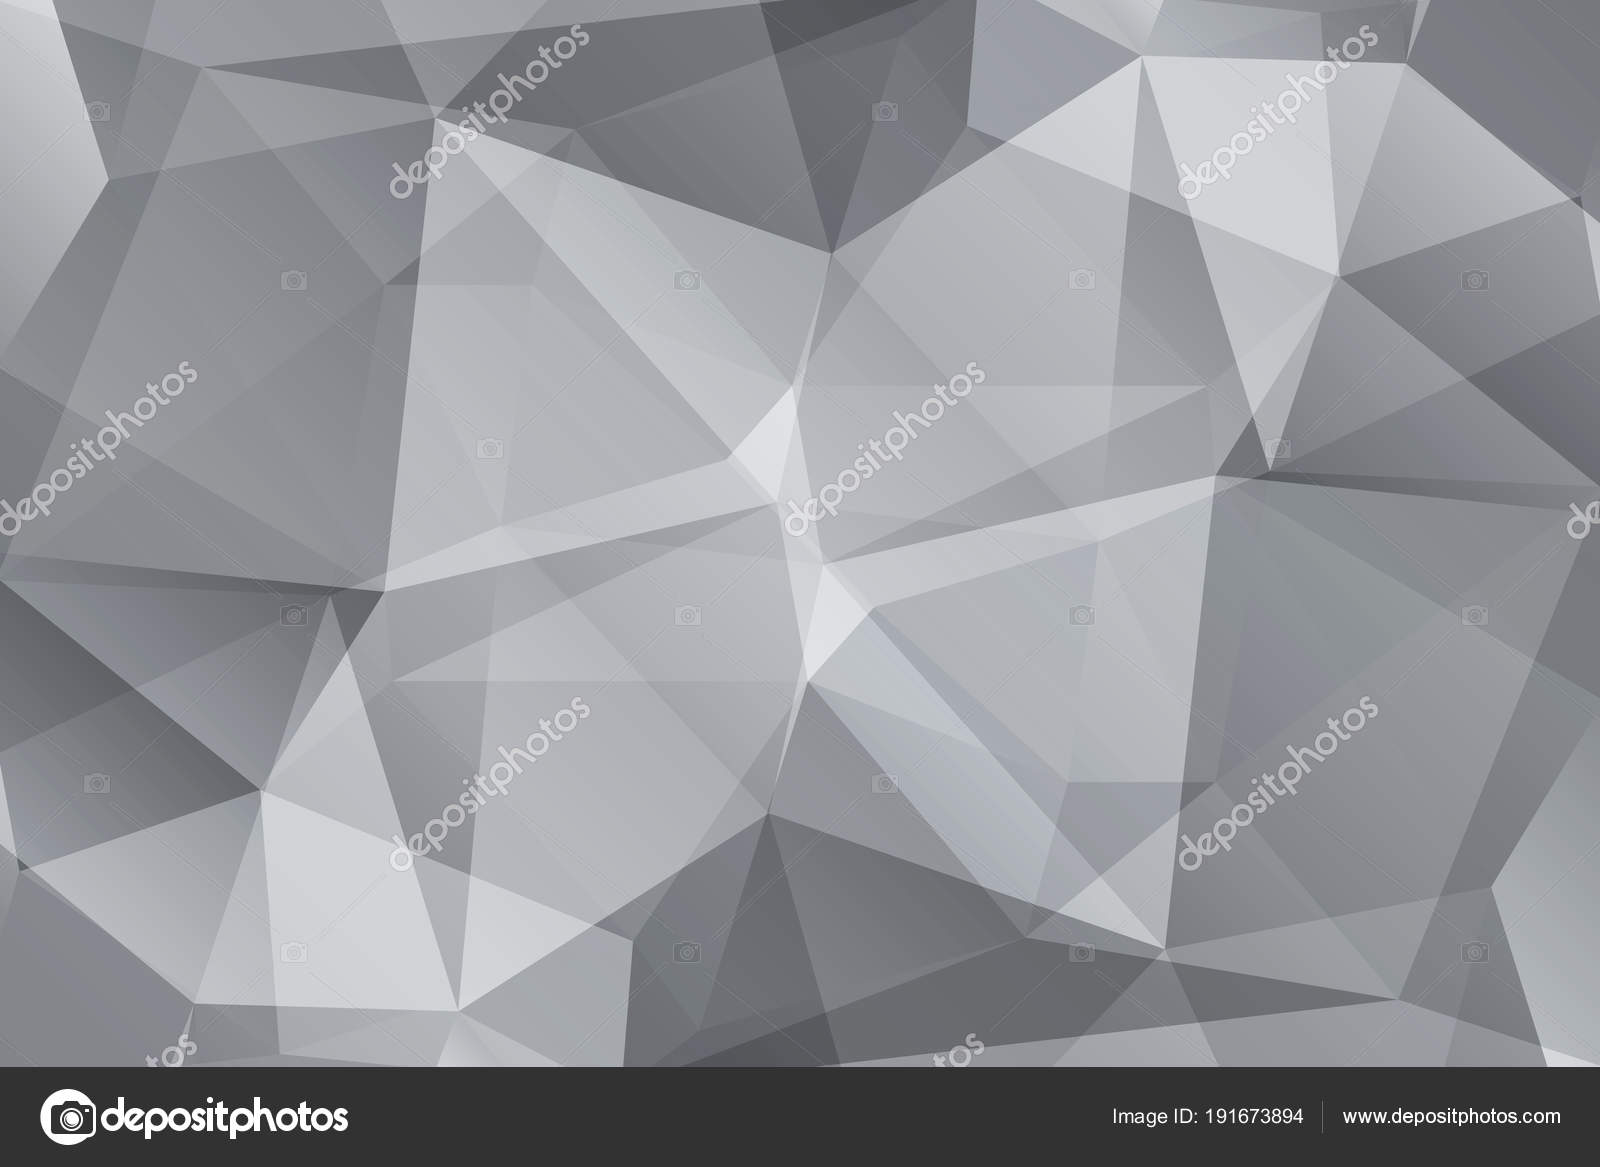 Wunderbar Dunklen Hintergrund. Geometrische Struktur. Trendige Muster.  Kreatives Konzept. Vektor Illustration Für